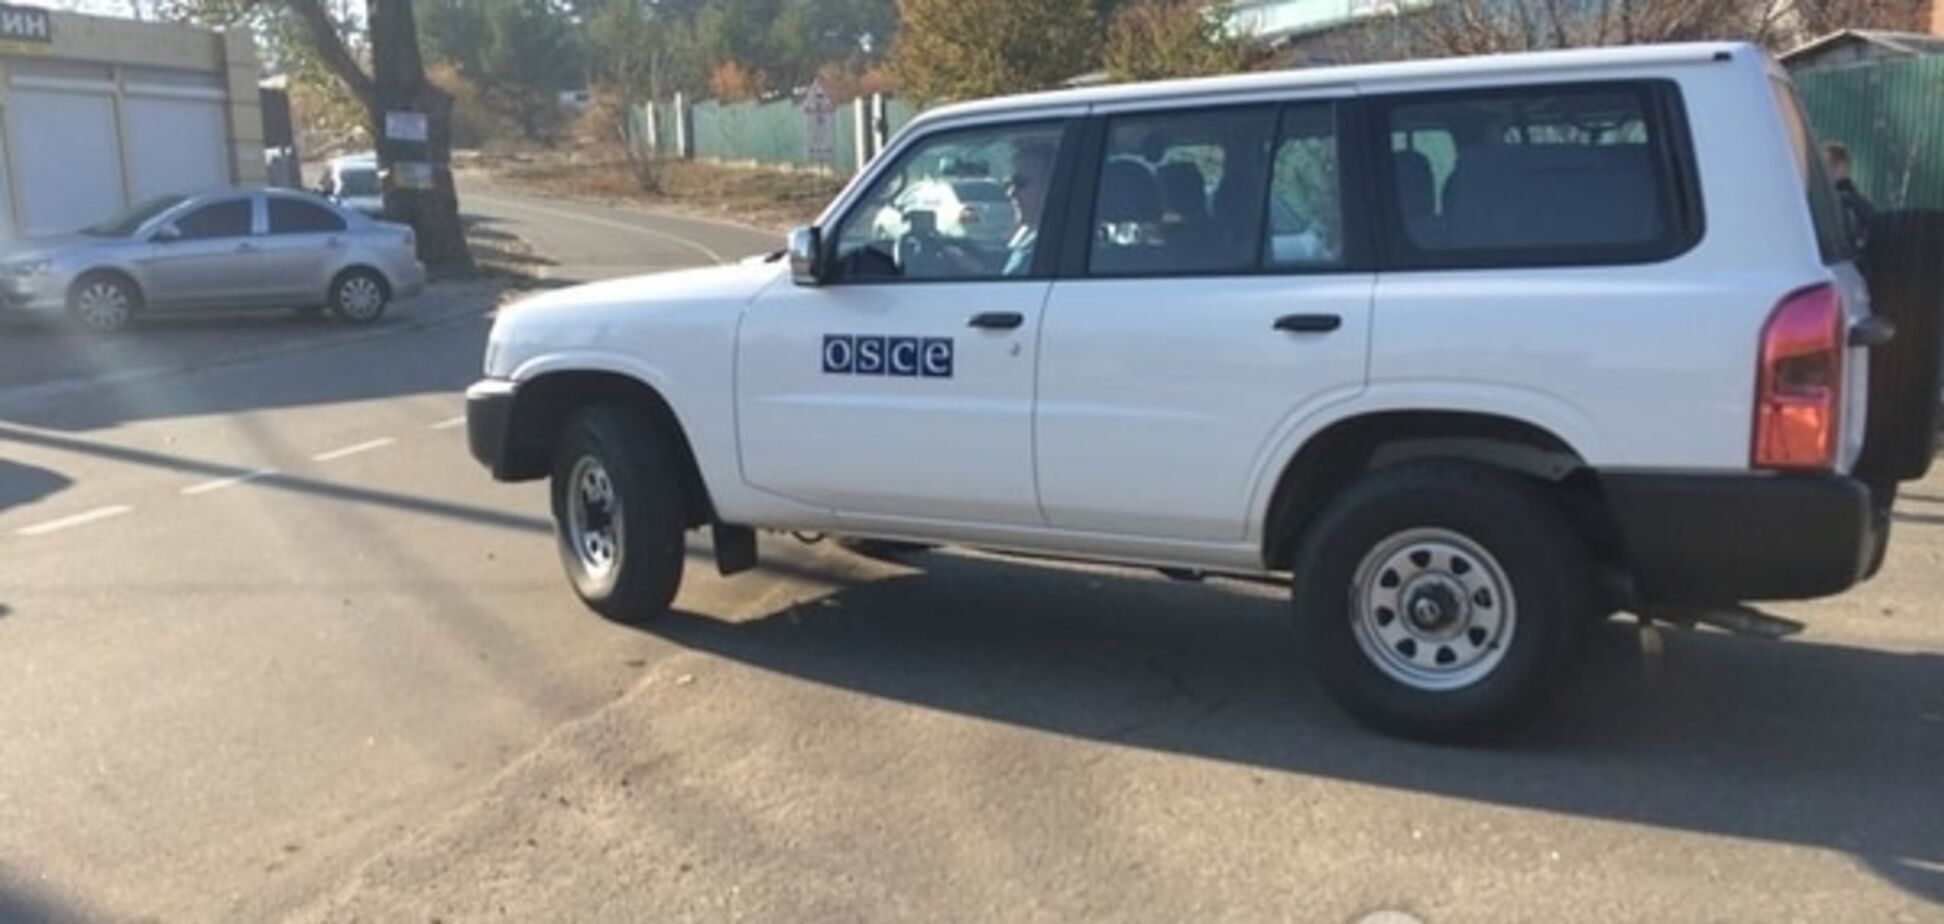 Пікетники засікли біля будинку Порошенка підозрілу машину ОБСЄ